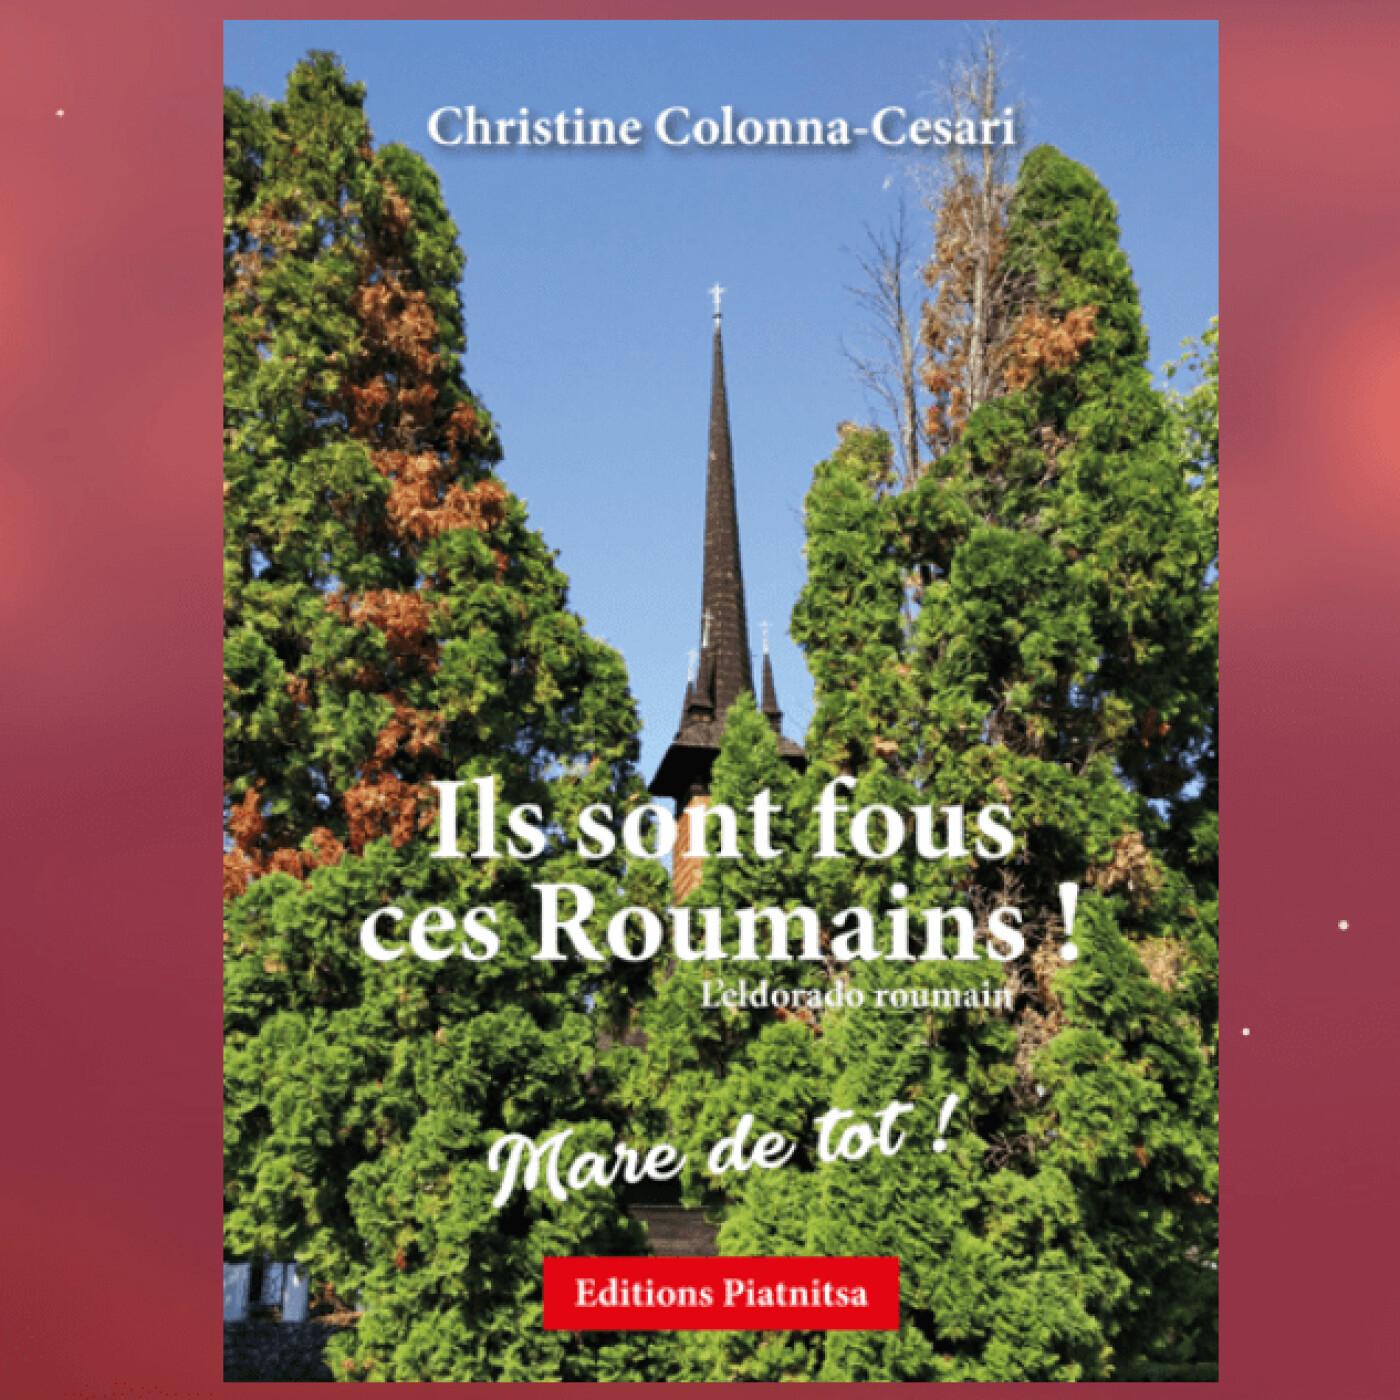 Christine, auteure du livre Ils sont fous ces Roumains, parle de la Roumanie - 01 02 2021 - StereoChic Radio